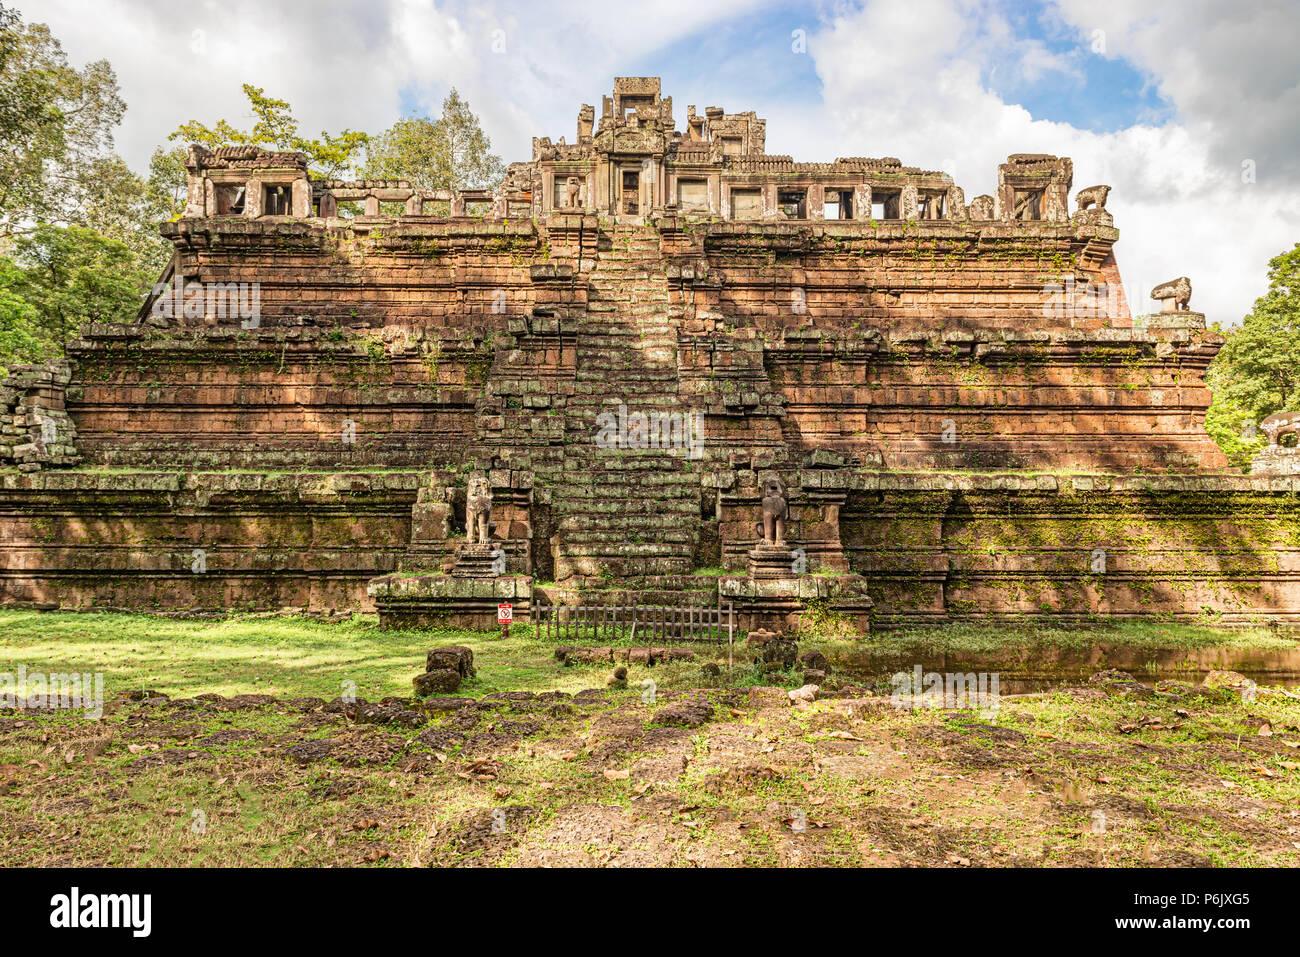 Phimeanakas temple à Angkor, au Cambodge, est un temple hindou du 10ème siècle, en forme de pyramide à trois niveaux comme un temple hindou. Sur le dessus de la pyram Photo Stock